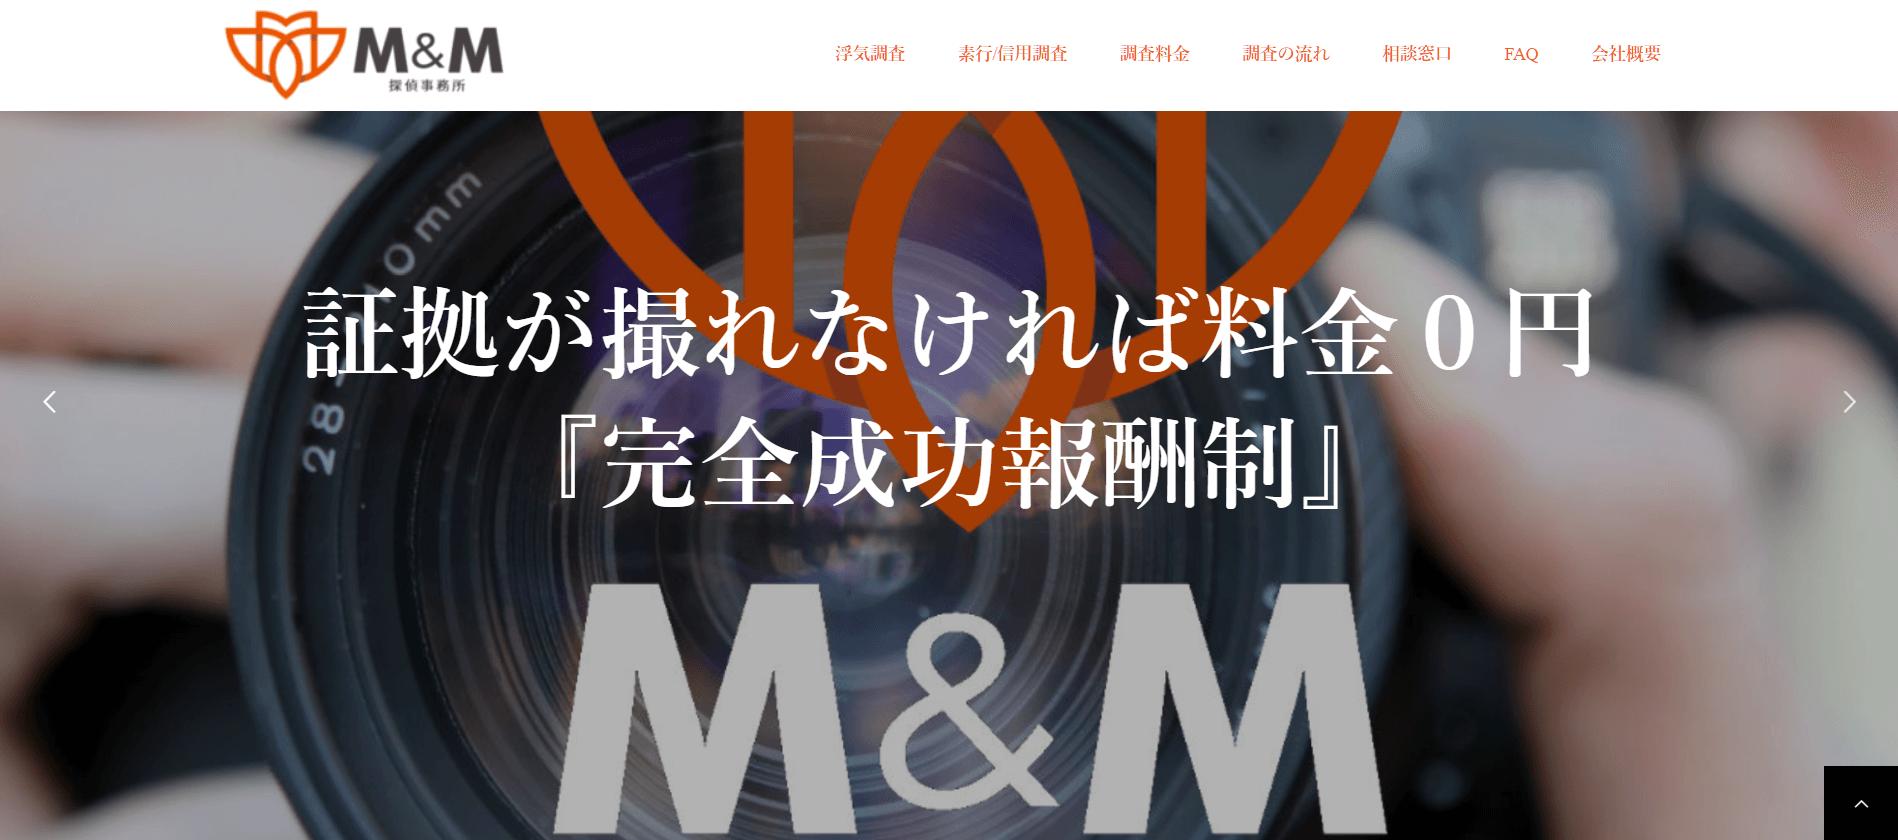 柏市の探偵事務所M&M